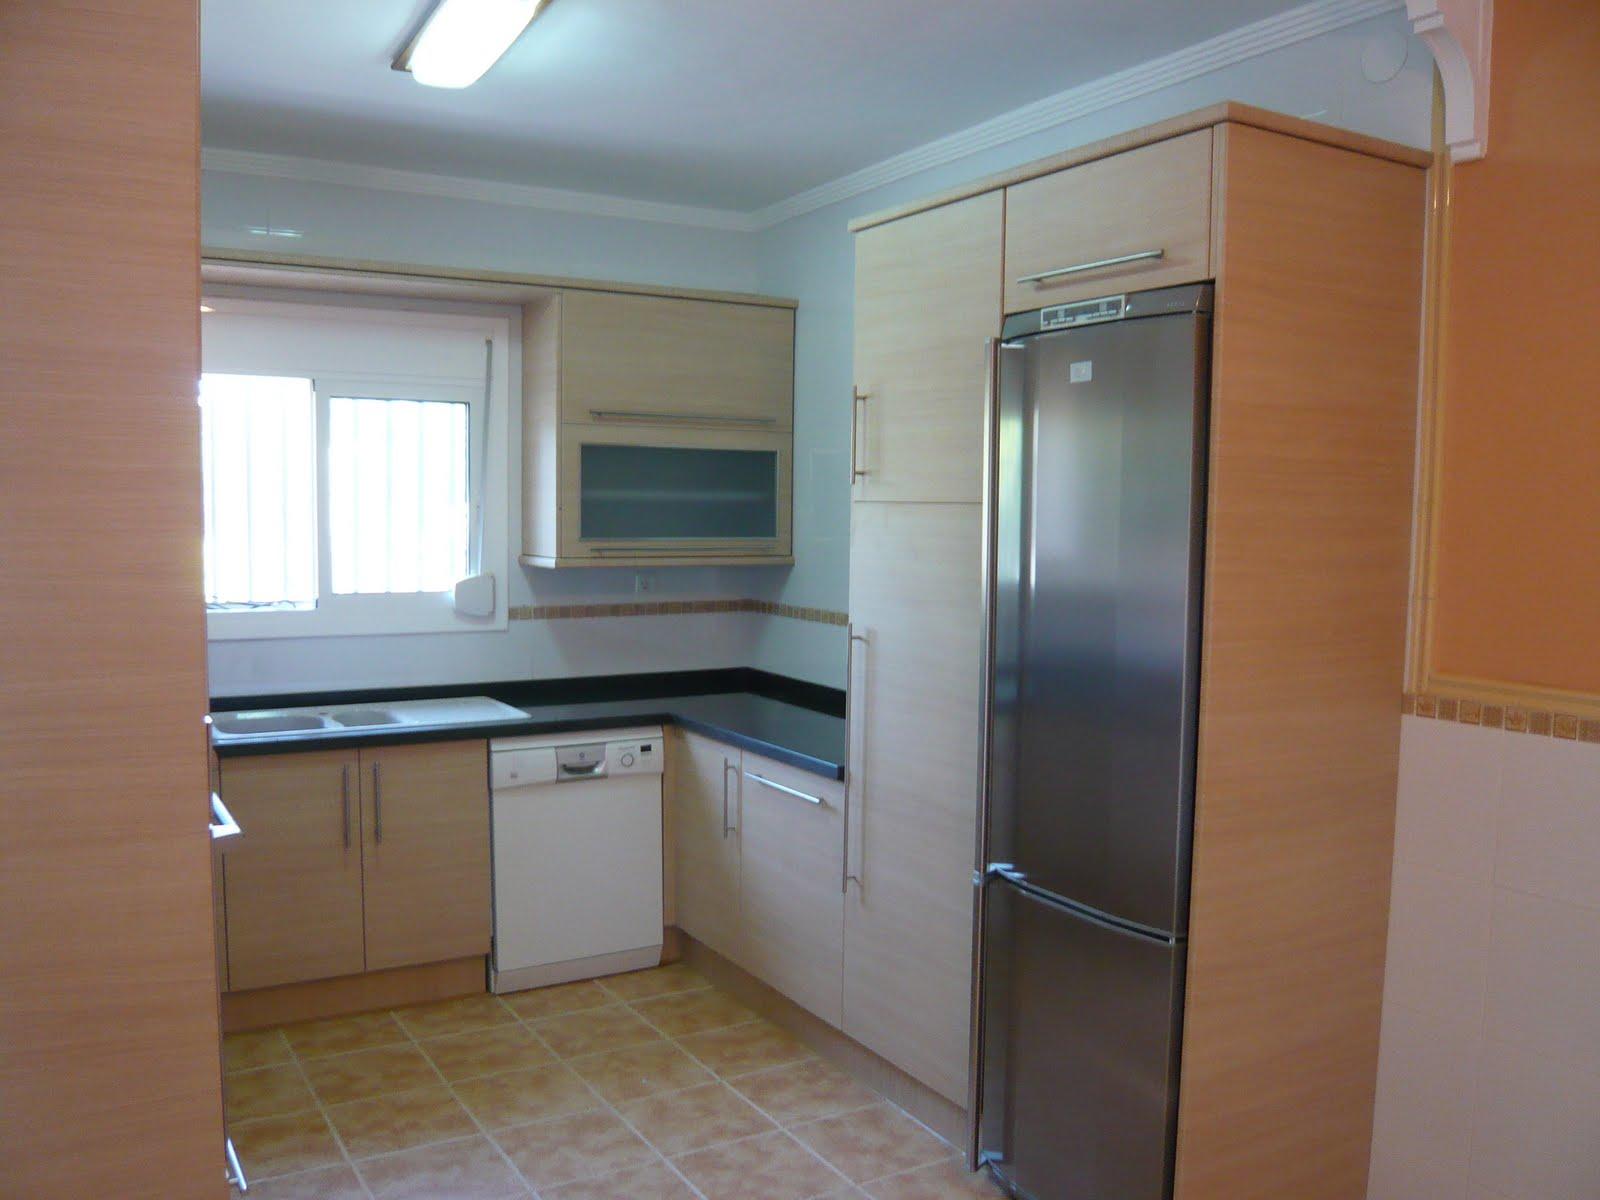 Reuscuina cocina de formica en roble horizontal - Cocinas de formica ...